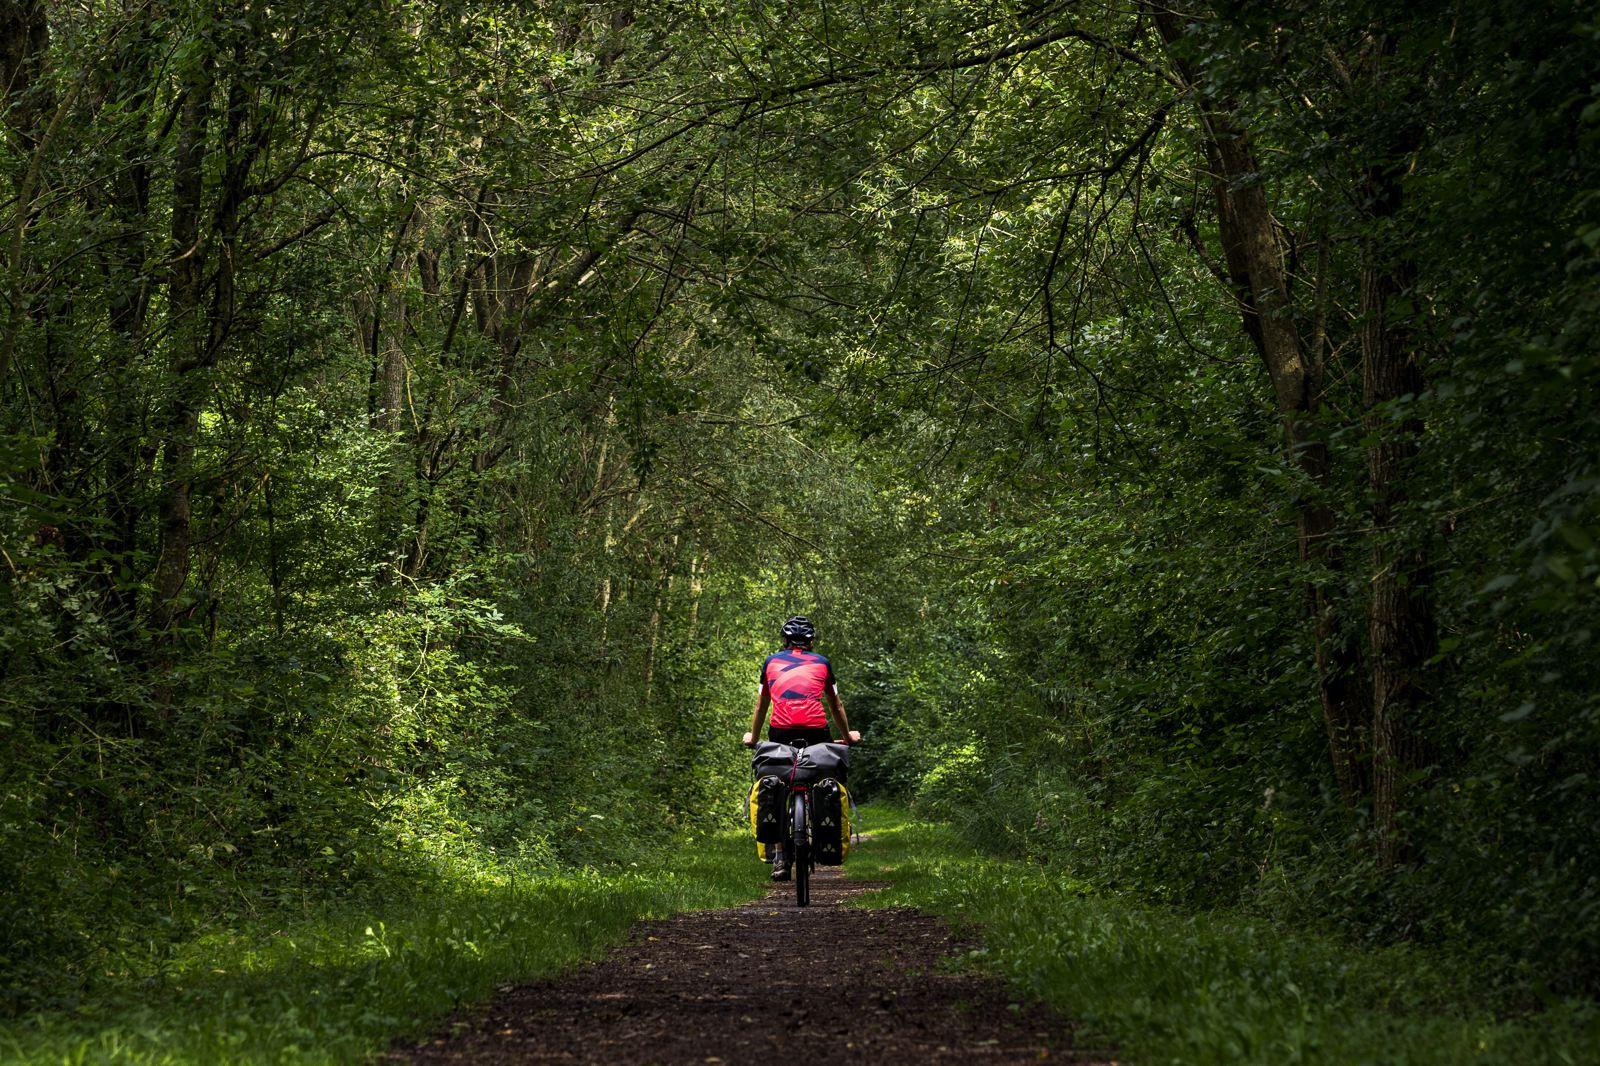 La voie verte de l'Avesnois : un océan de verdure sur l'EuroVelo 3